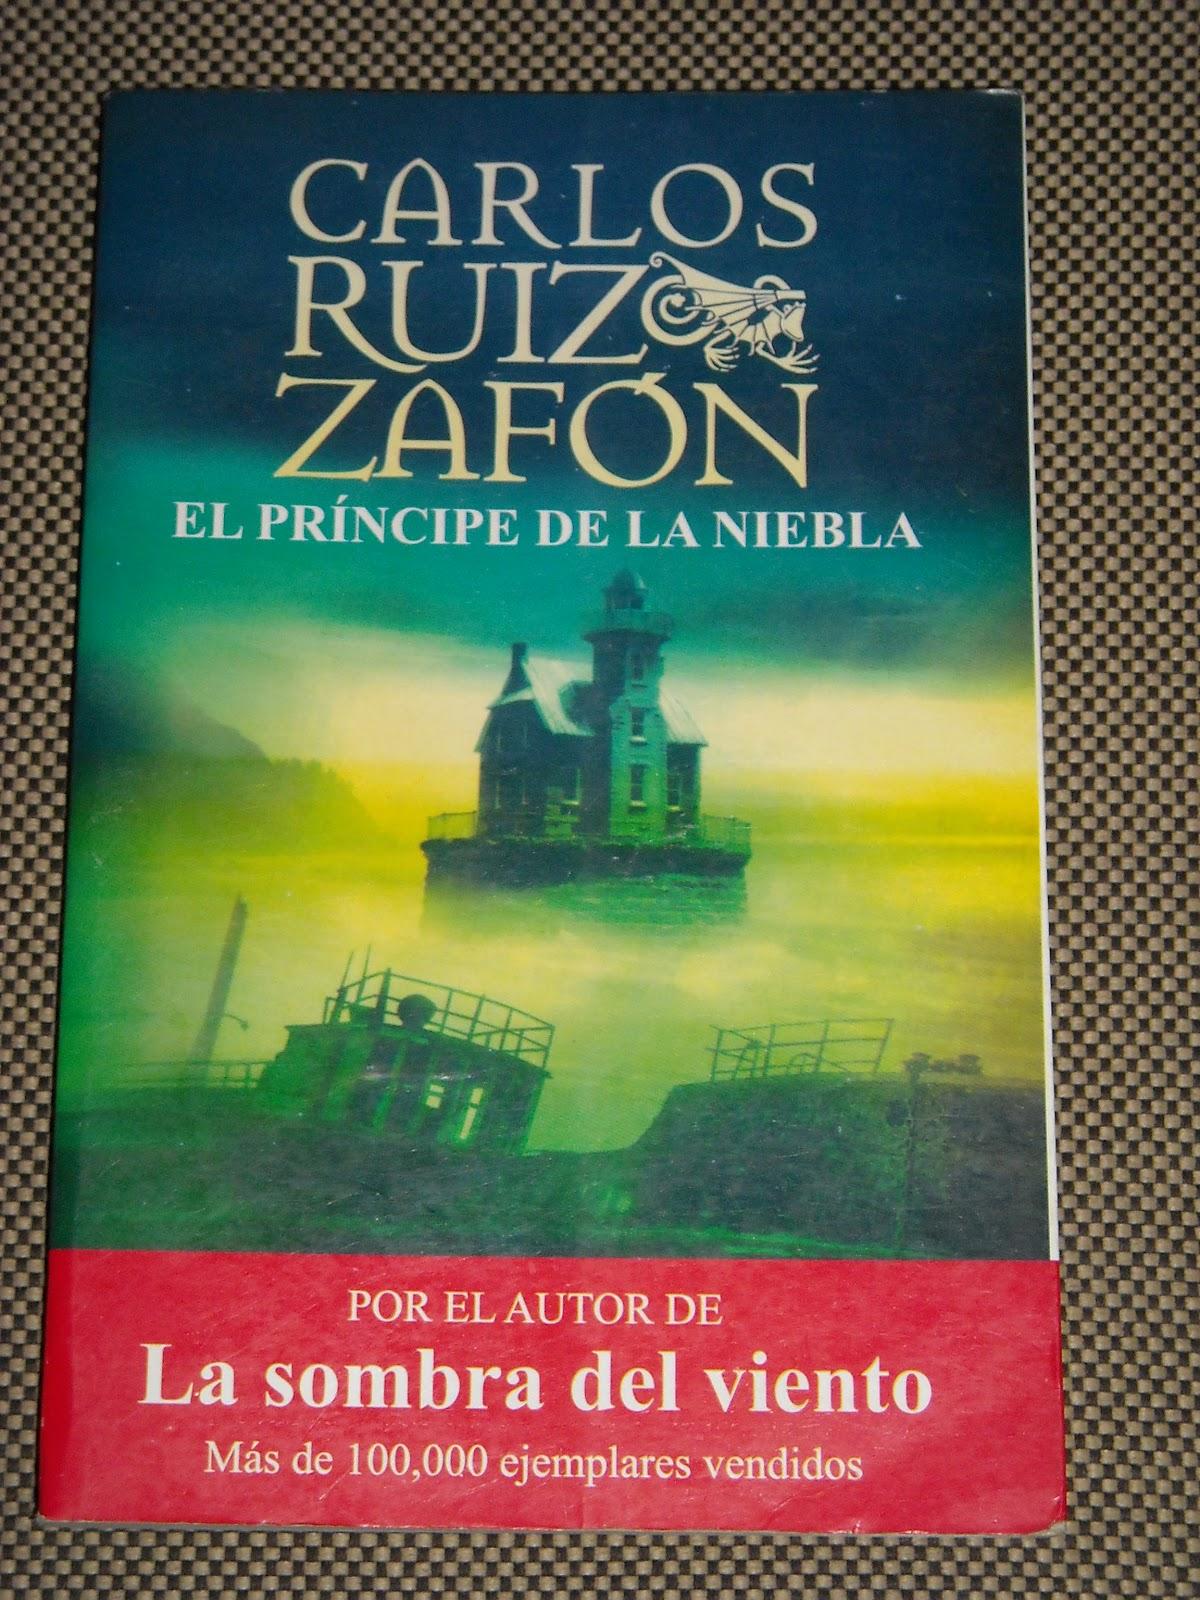 Carlos Ruiz Zafon Cuarto Libro | La Sombra Del Viento Planeta De Libros